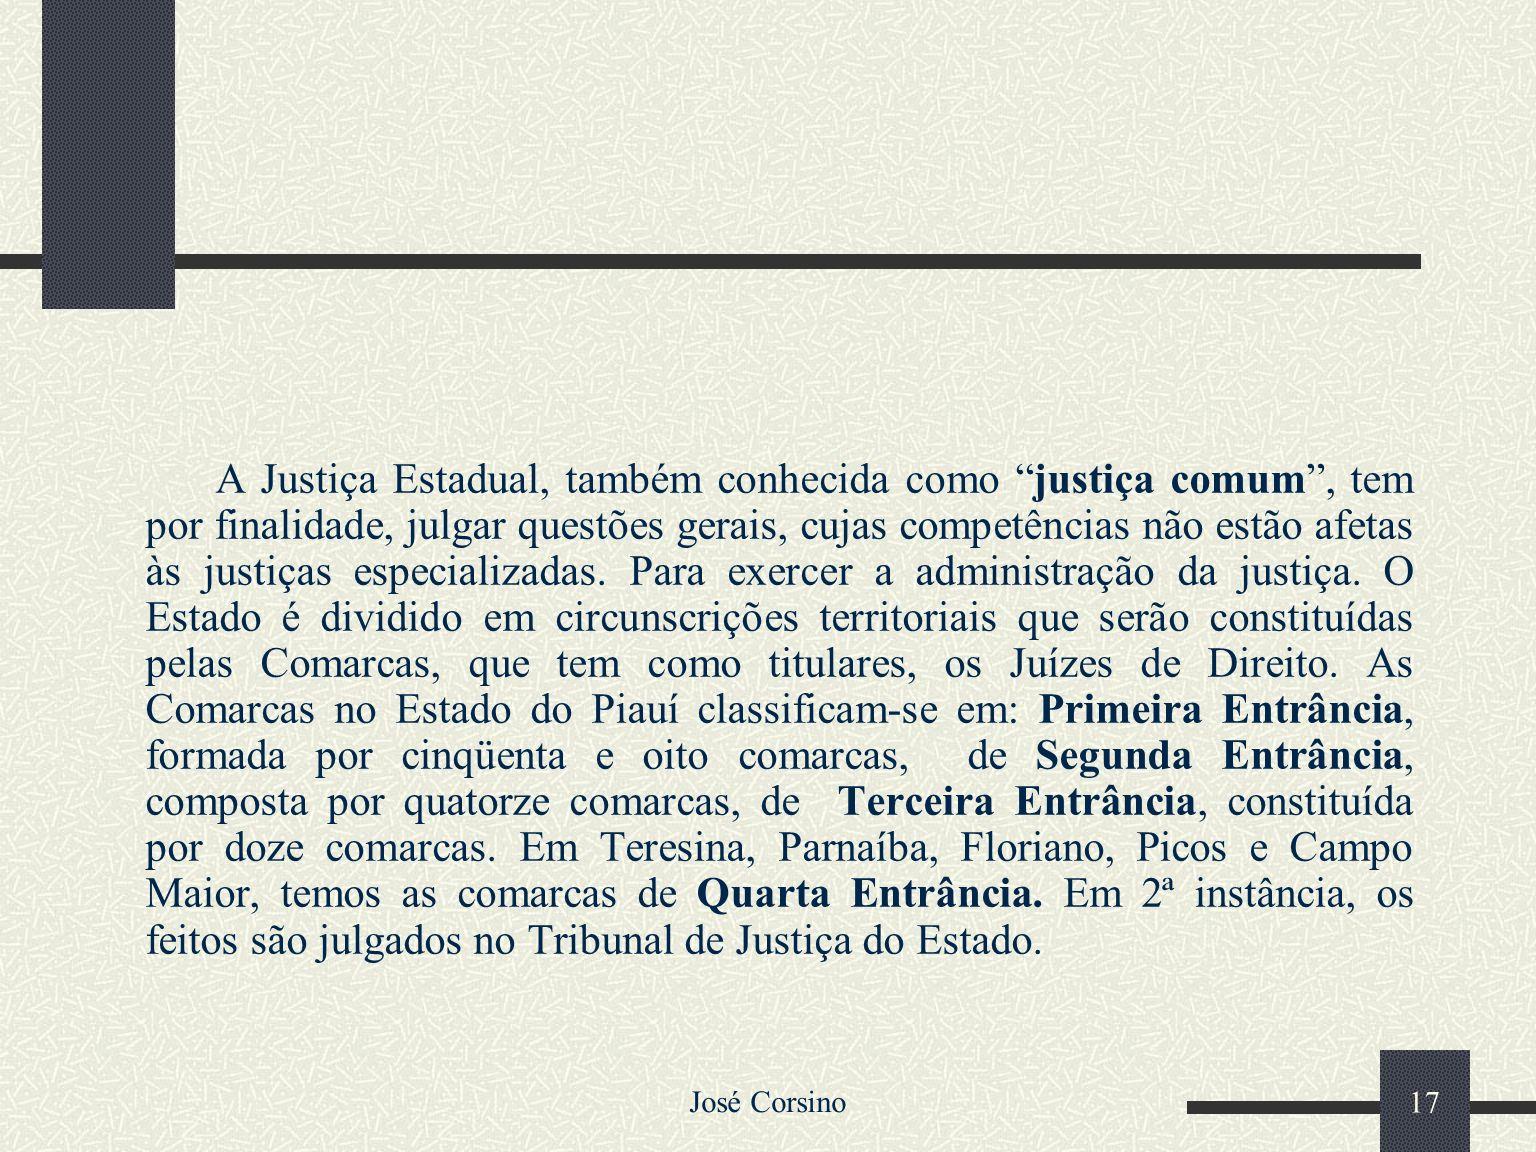 A Justiça Estadual, também conhecida como justiça comum , tem por finalidade, julgar questões gerais, cujas competências não estão afetas às justiças especializadas. Para exercer a administração da justiça. O Estado é dividido em circunscrições territoriais que serão constituídas pelas Comarcas, que tem como titulares, os Juízes de Direito. As Comarcas no Estado do Piauí classificam-se em: Primeira Entrância, formada por cinqüenta e oito comarcas, de Segunda Entrância, composta por quatorze comarcas, de Terceira Entrância, constituída por doze comarcas. Em Teresina, Parnaíba, Floriano, Picos e Campo Maior, temos as comarcas de Quarta Entrância. Em 2ª instância, os feitos são julgados no Tribunal de Justiça do Estado.